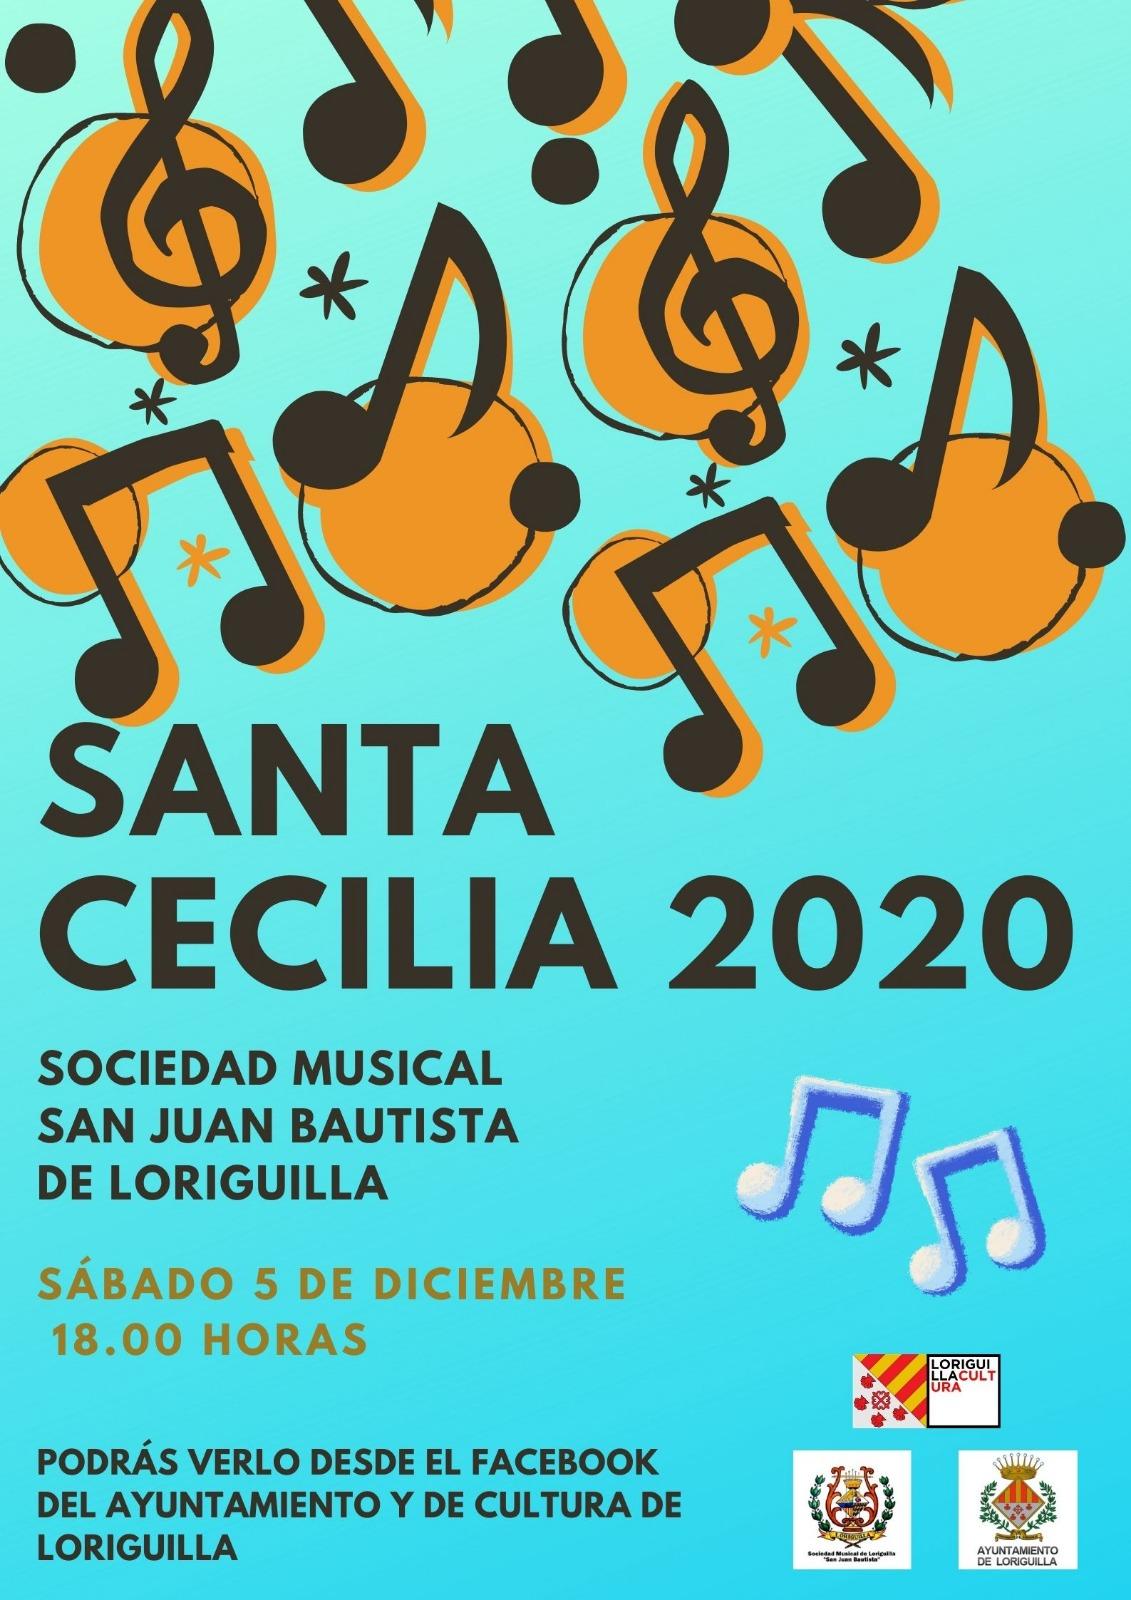 Concierto virtual de la Sociedad Musical San Juan Bautista de Loriguilla